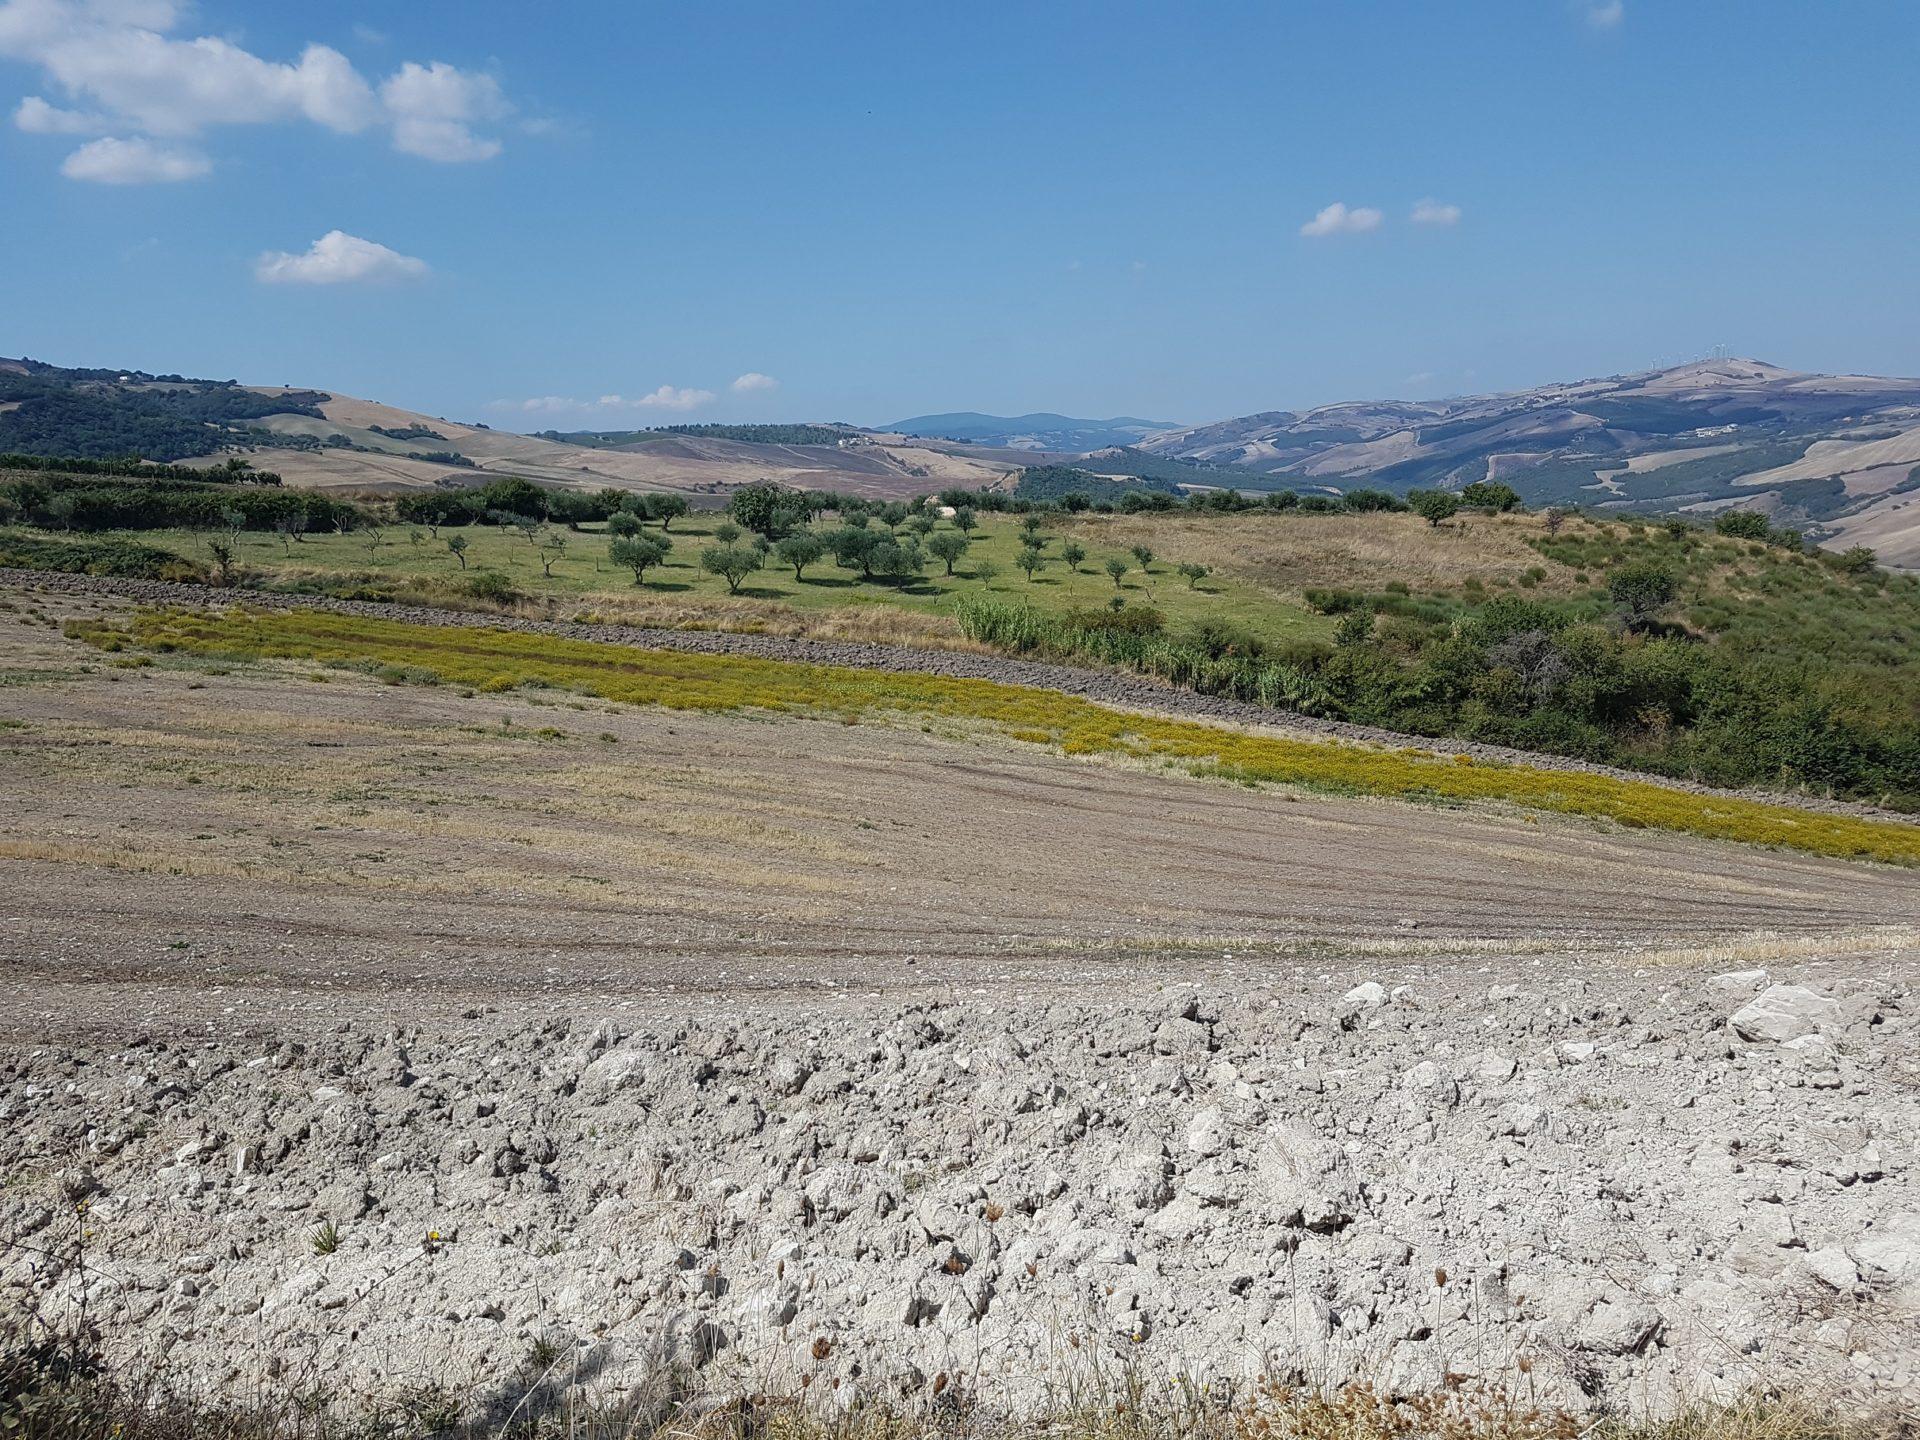 Auf dem Weg zum Castel del Monte, noch Basilicata